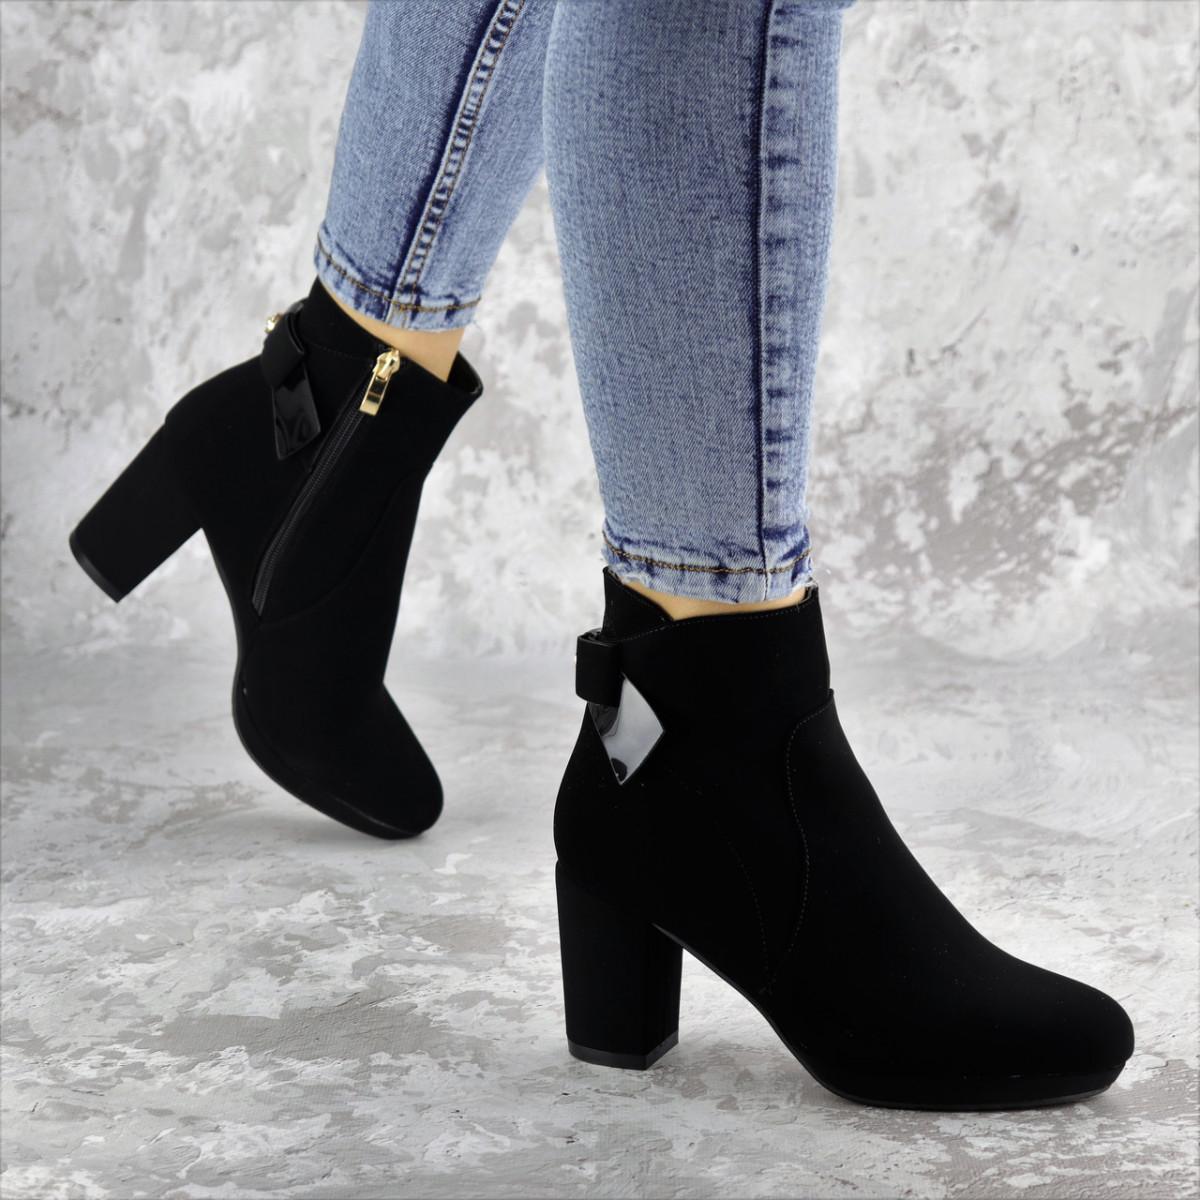 Ботильоны женские Fashion Jeniveve 2293 37 размер 24 см Черный